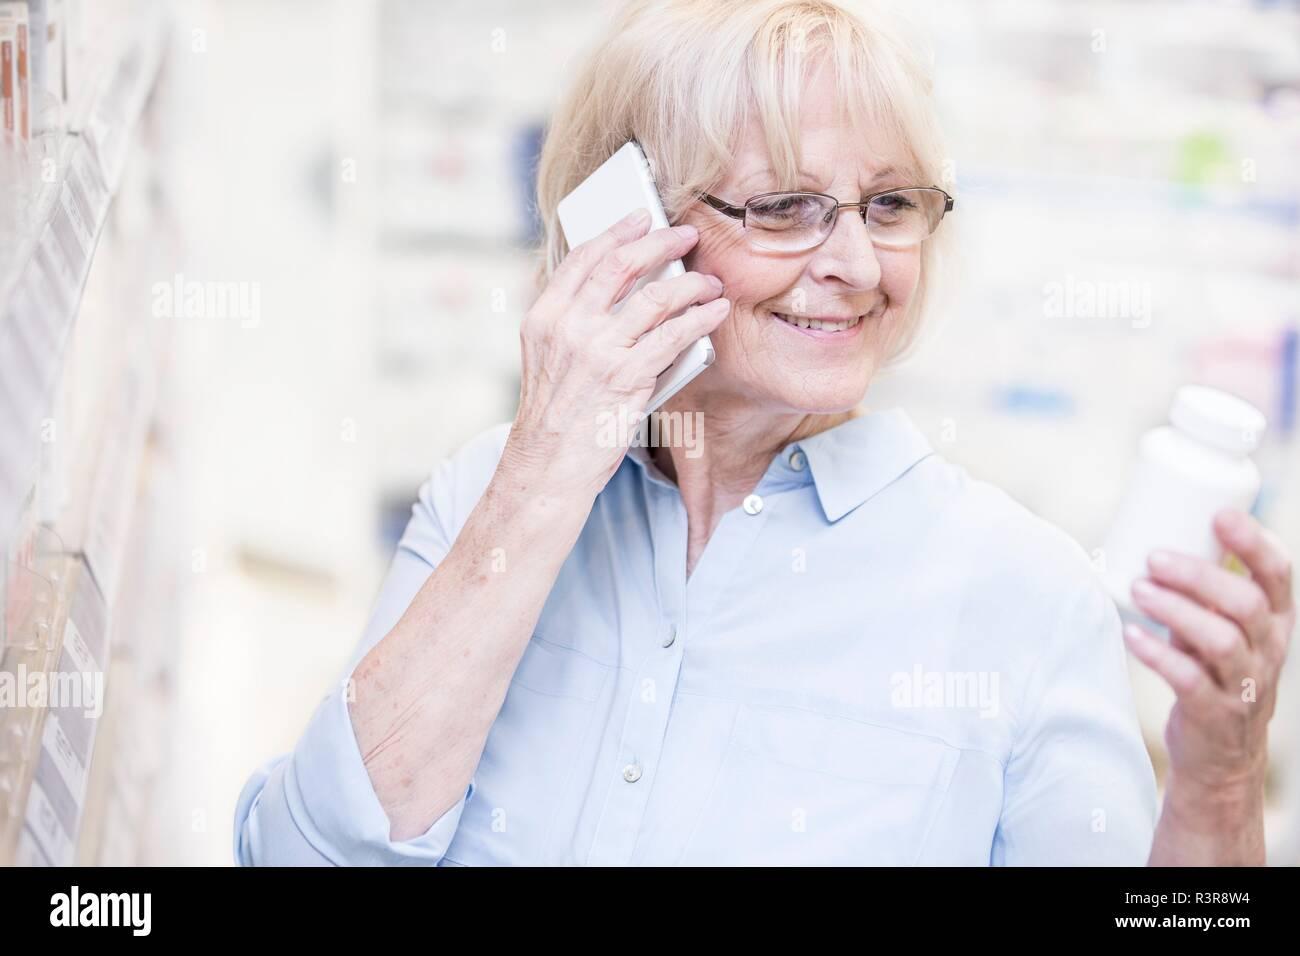 Senior donna discutendo la medicina sul telefono cellulare in farmacia. Immagini Stock